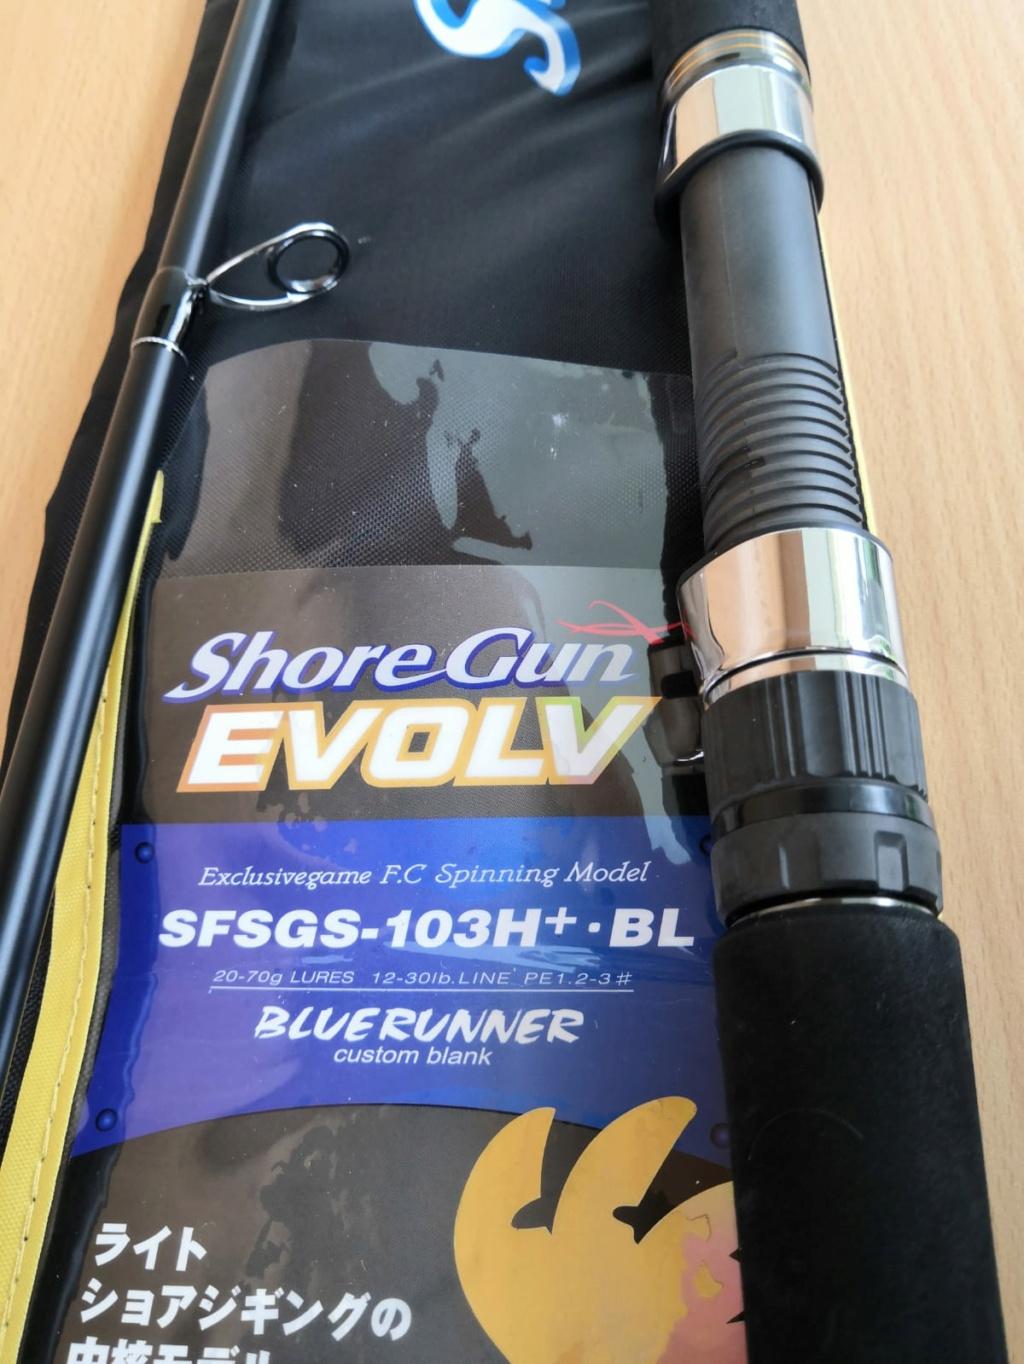 [VENDO][USATA]Palms Shore Gun Evolve 103 h+ Bl Img-2474